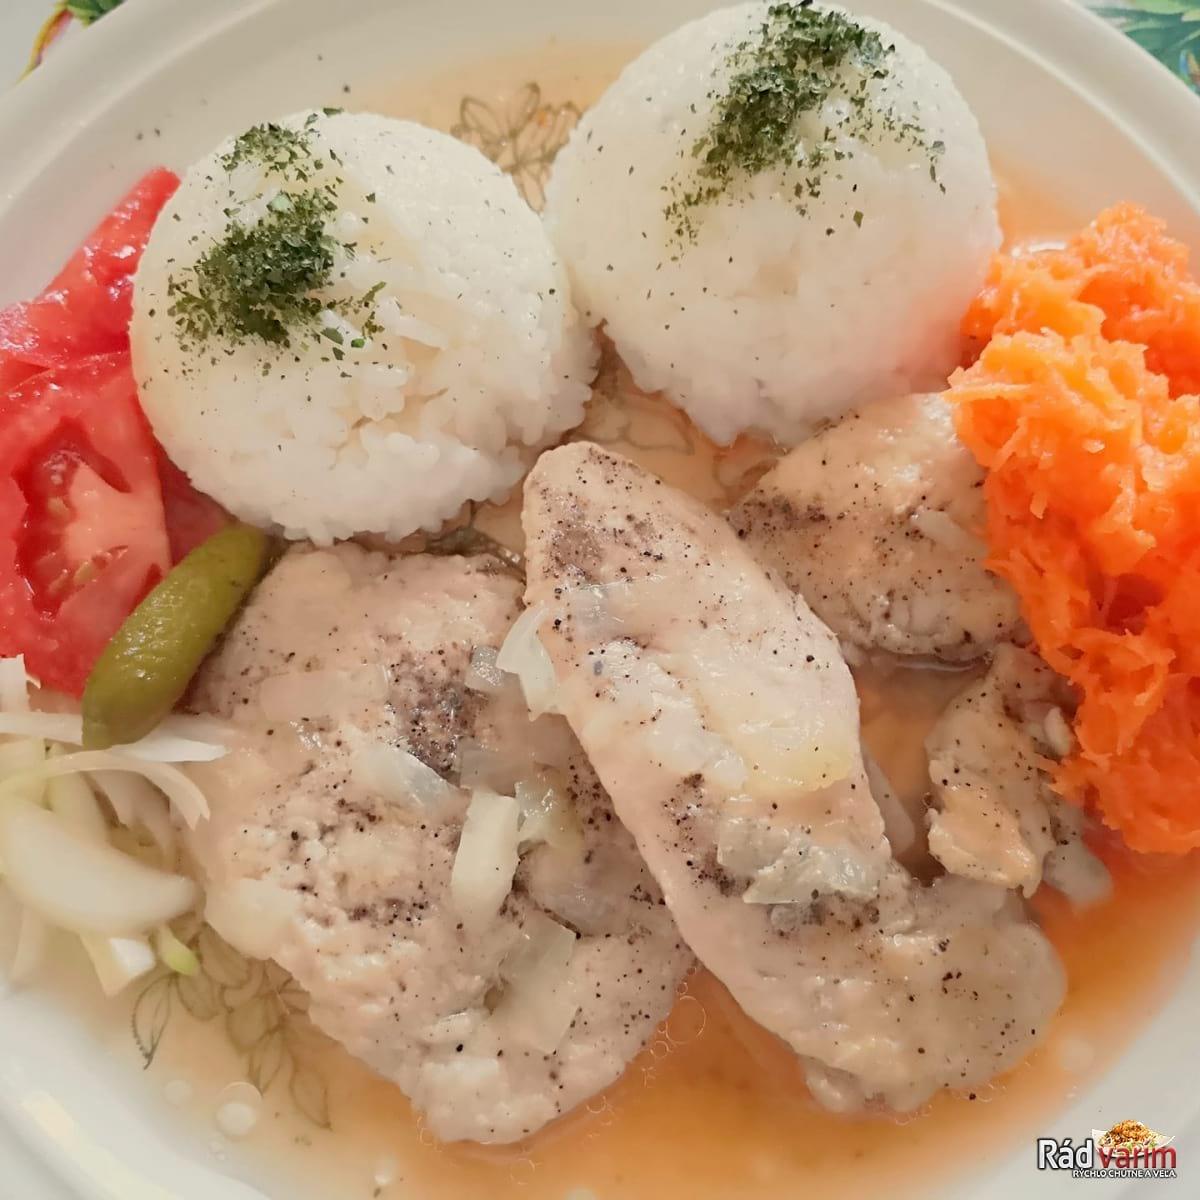 Kuracie prsia na prírodno, ryža a mrkvový šalát